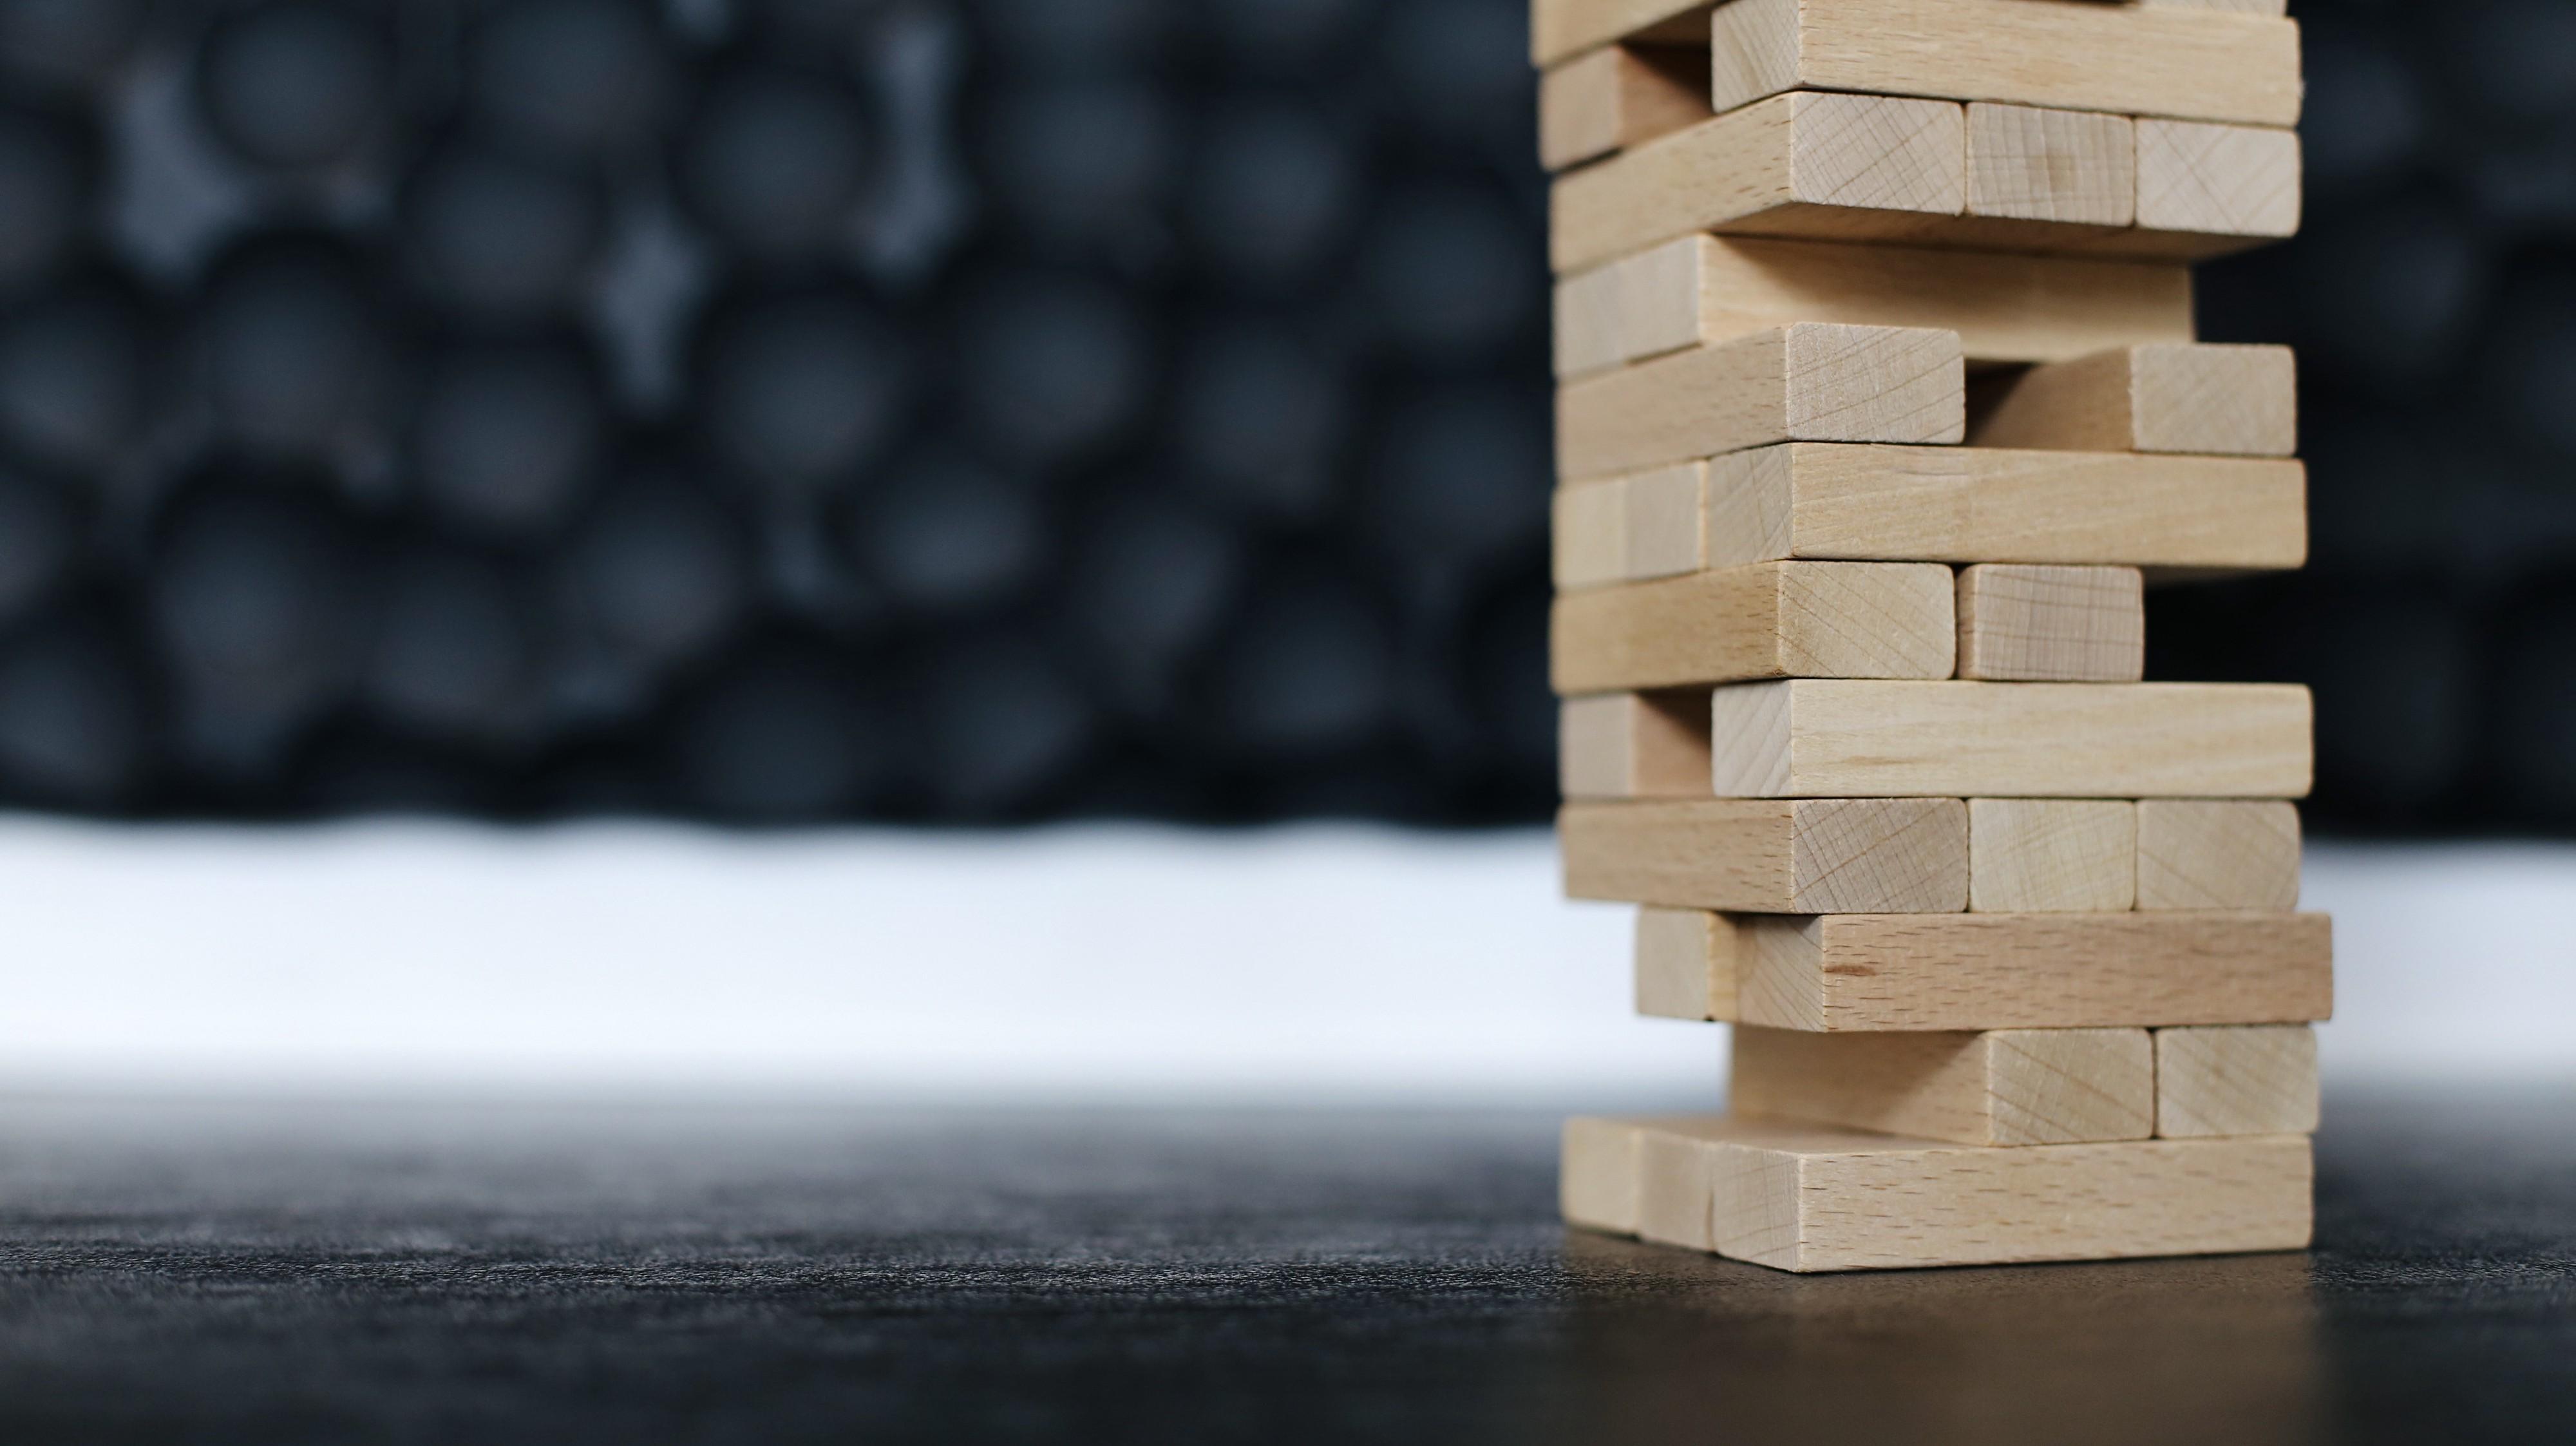 Towering stack of balanced blocks.